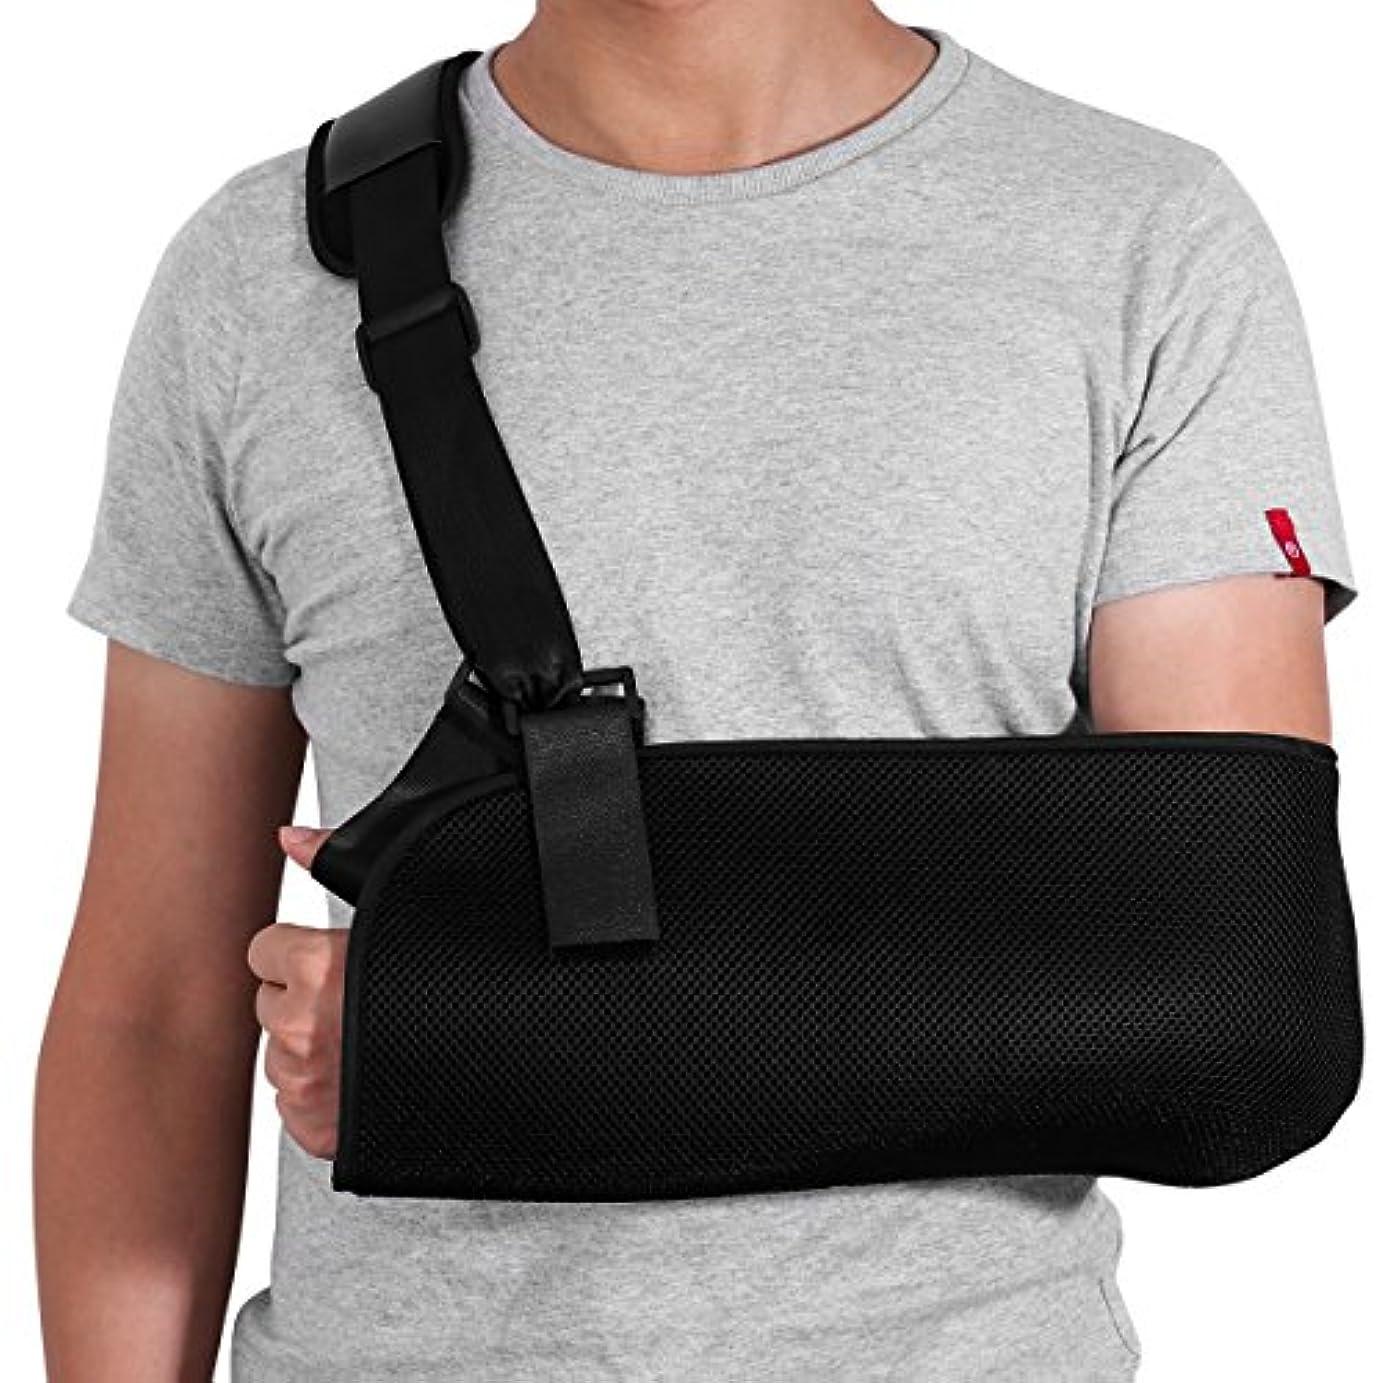 蒸ディーラー天才ROSENICE アームスリング - 壊れた骨折したアームのためのショルダーイモビライザー - 調節可能なアーム、ショルダーローテーターカフサポートブレース - 涙、脱臼、捻挫およびひずみ